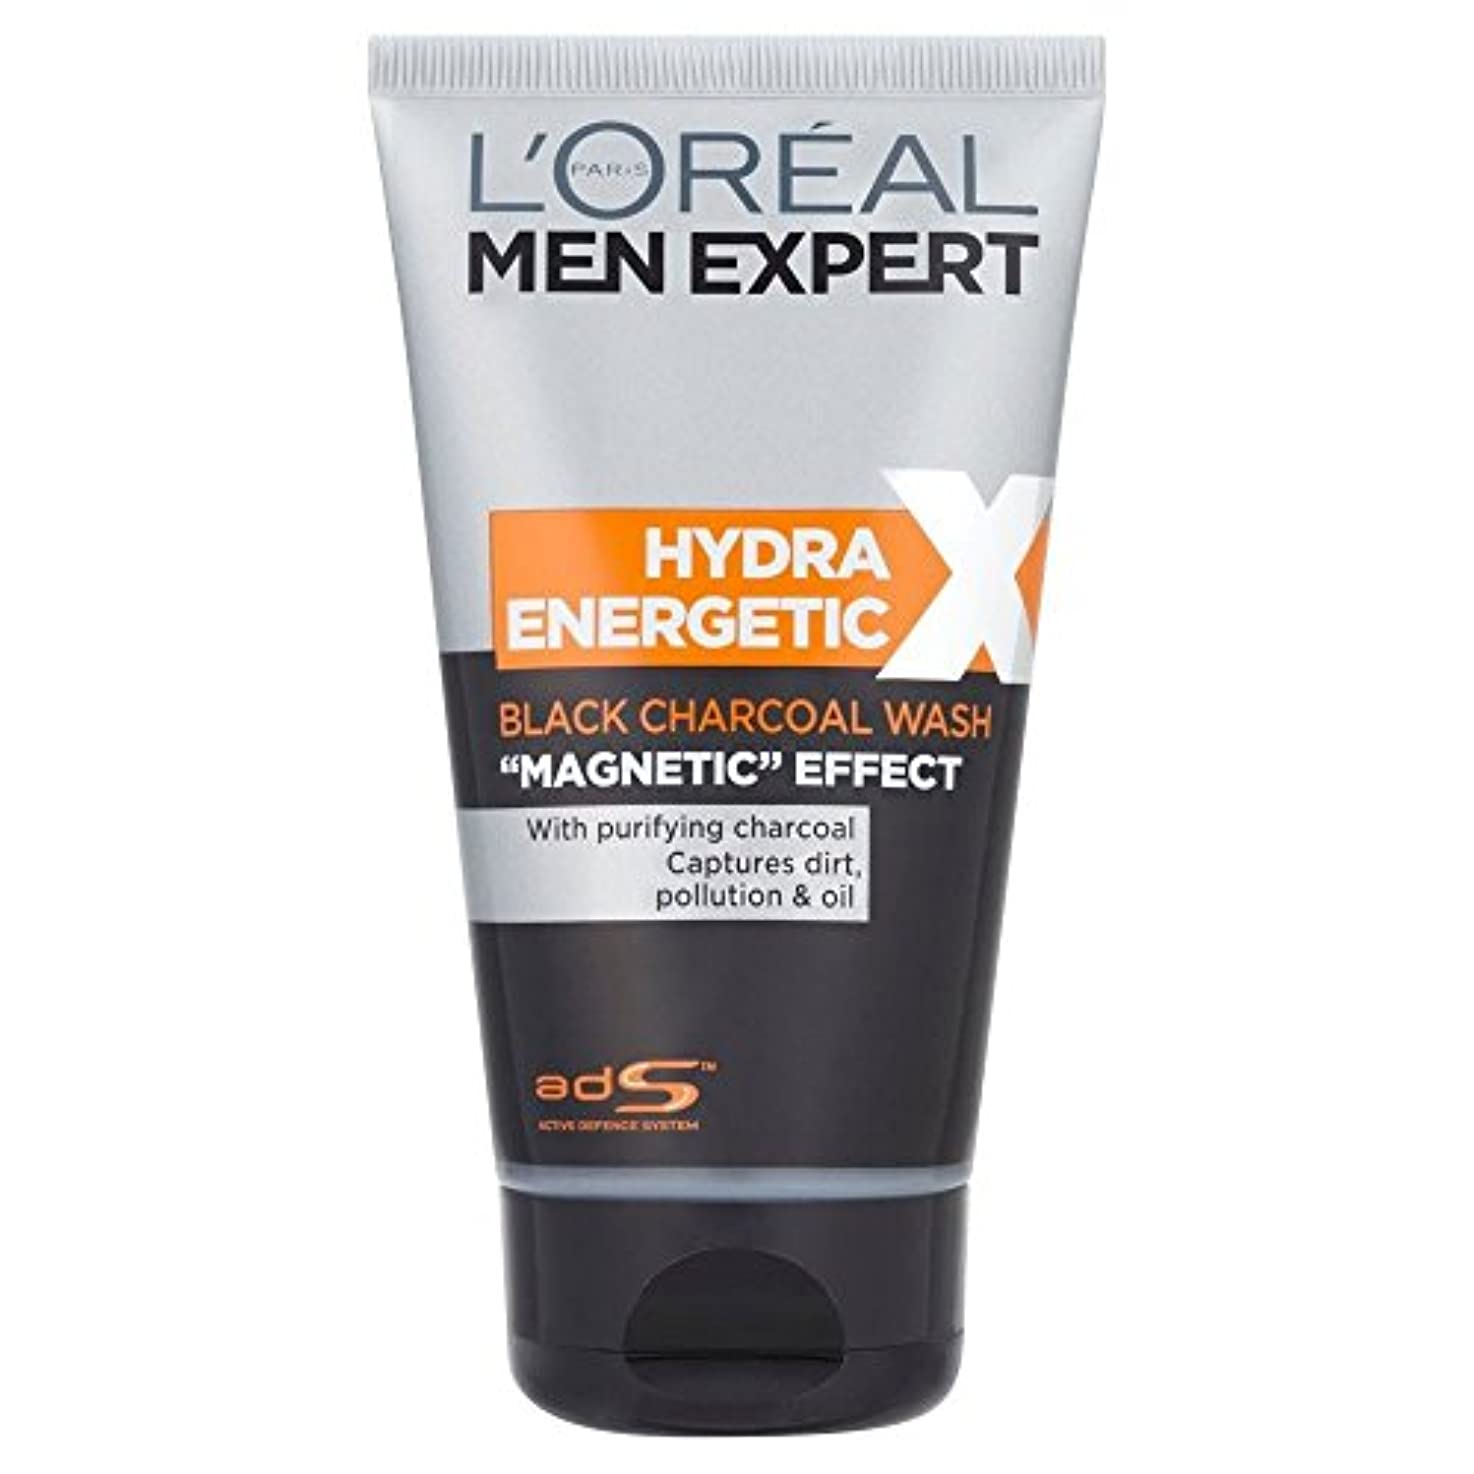 十年オーナー化学L'Oreal Paris Men Expert Hydra Energetic Daily Purifying Wash (150ml) L'オラ?アルパリのメンズ専門ヒドラエネルギッシュな毎日の浄化洗浄( 150ミリリットル)